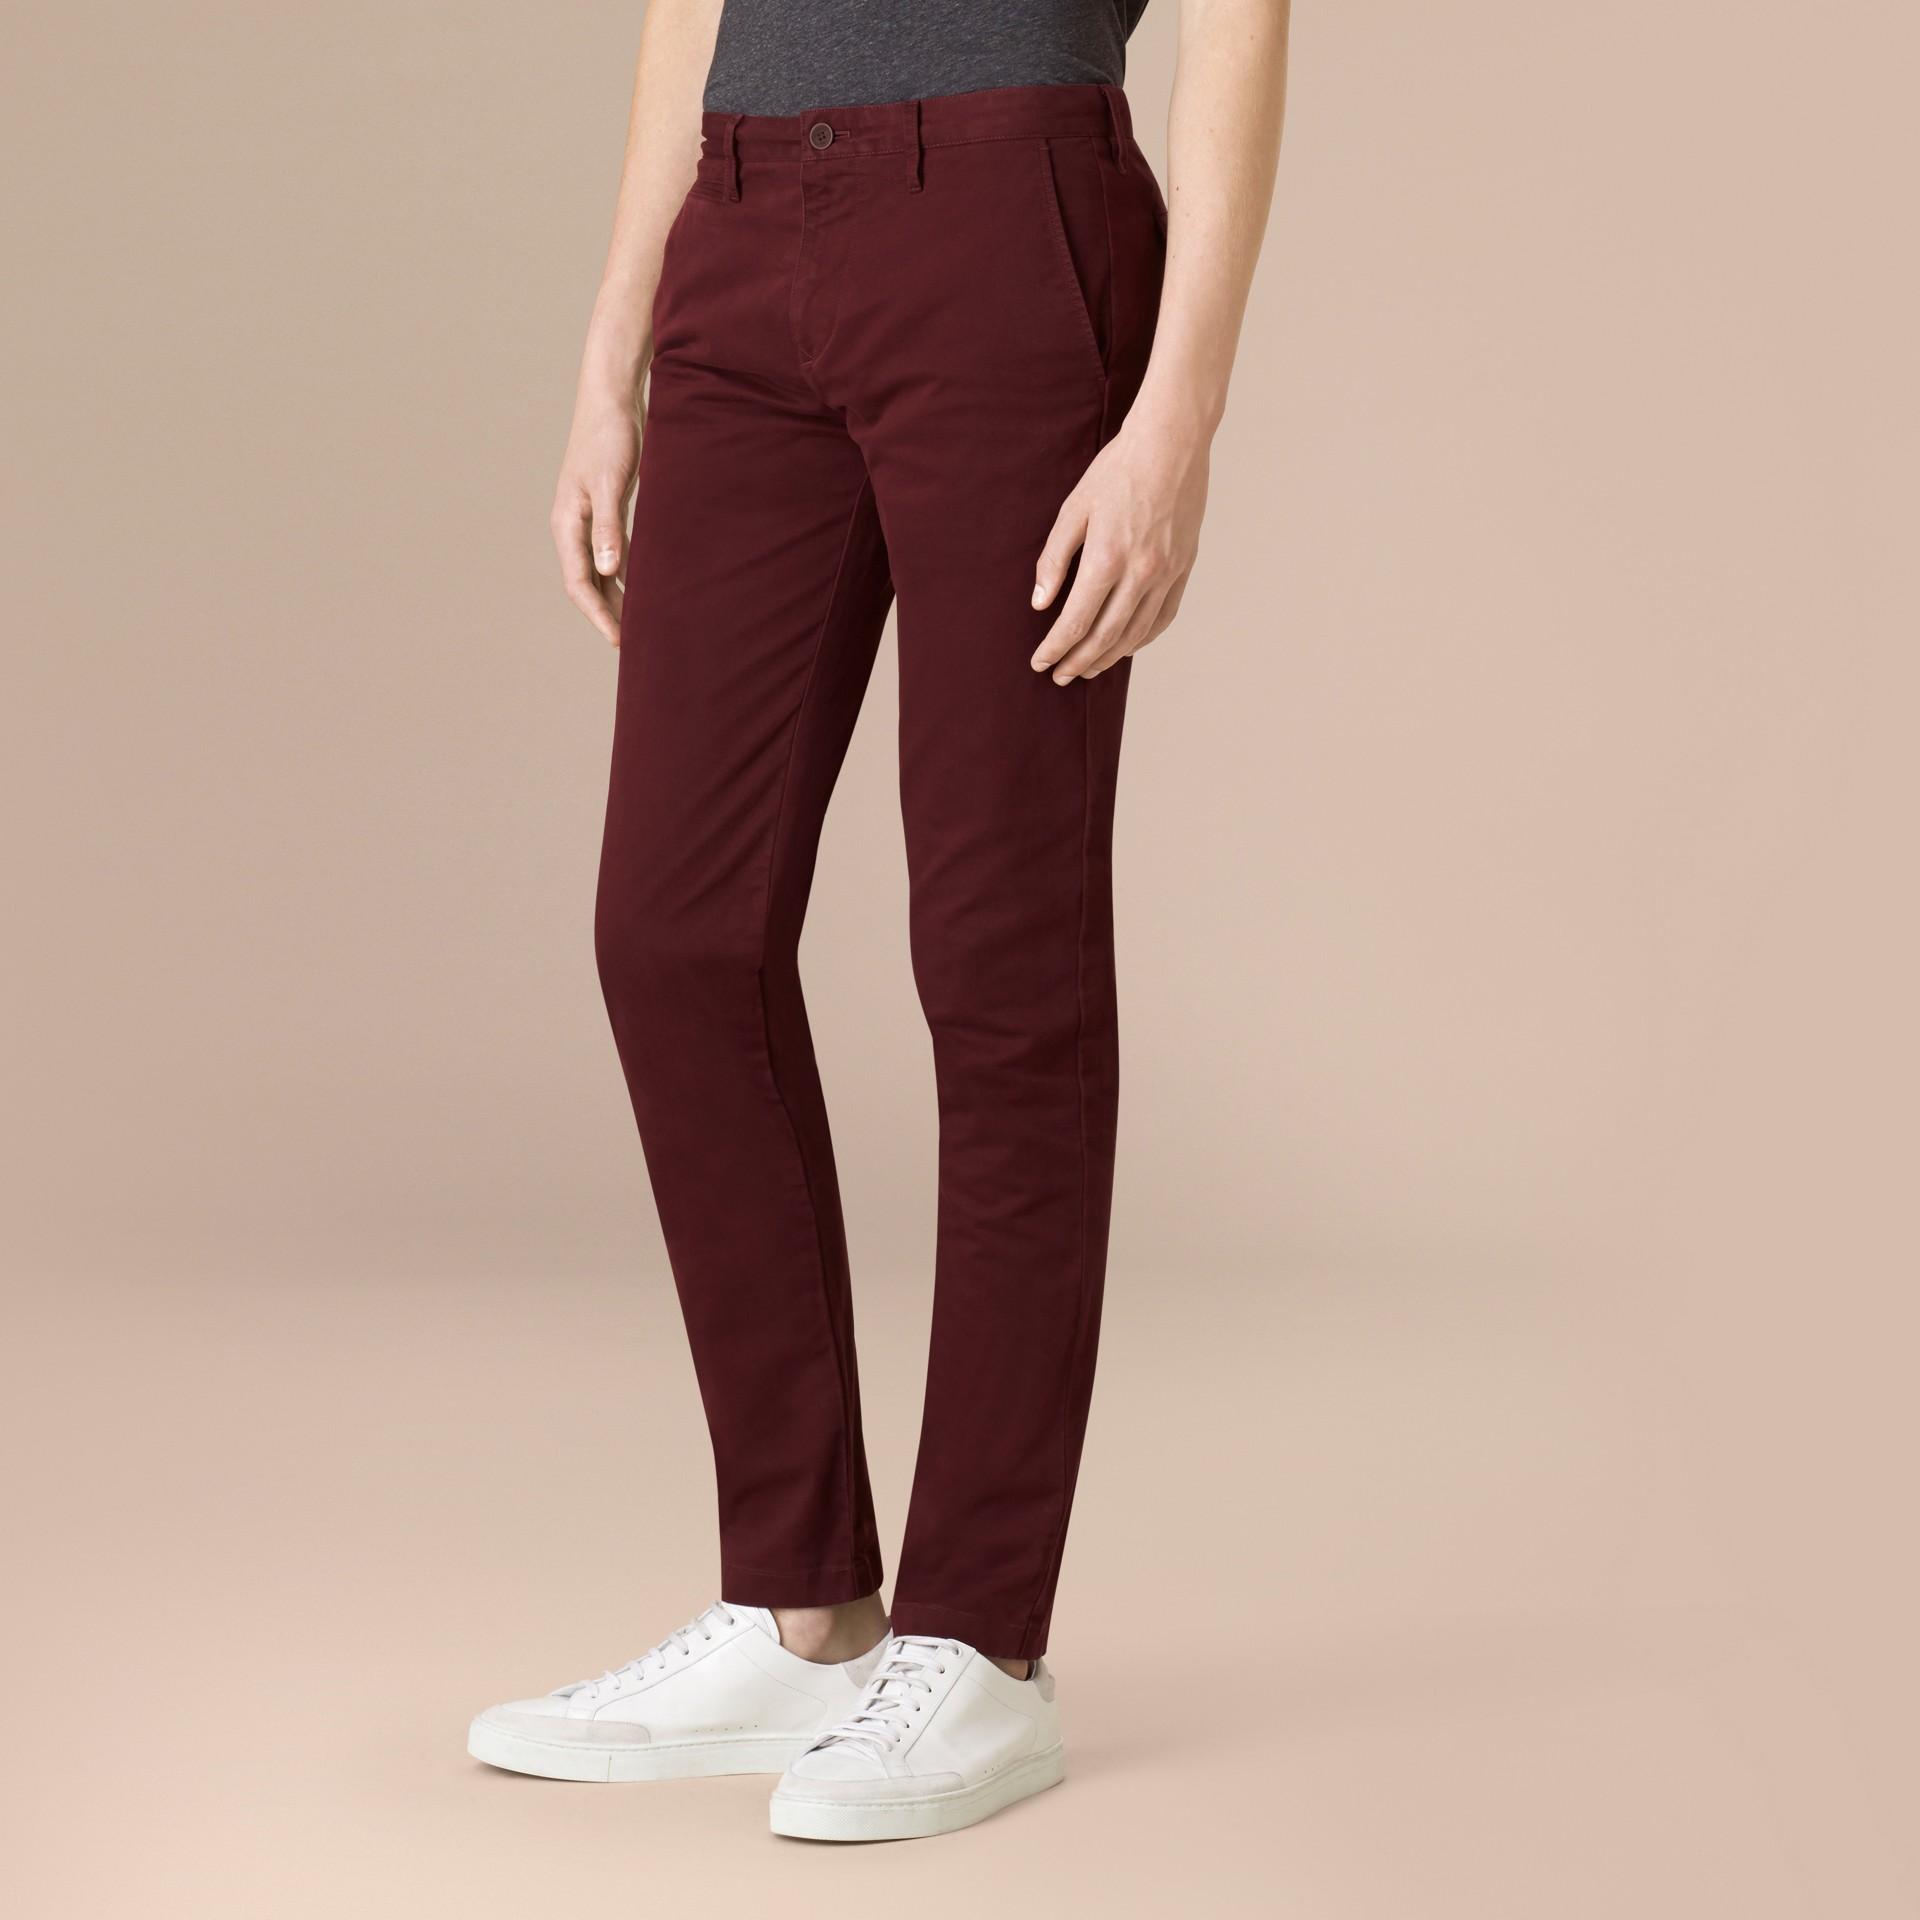 Темный кларет Узкие брюки из эластичного хлопка - изображение 1